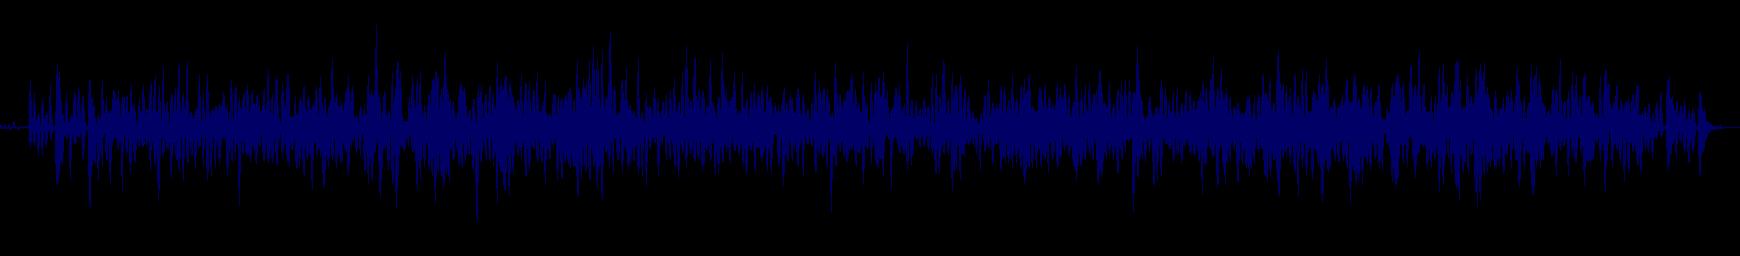 waveform of track #100220